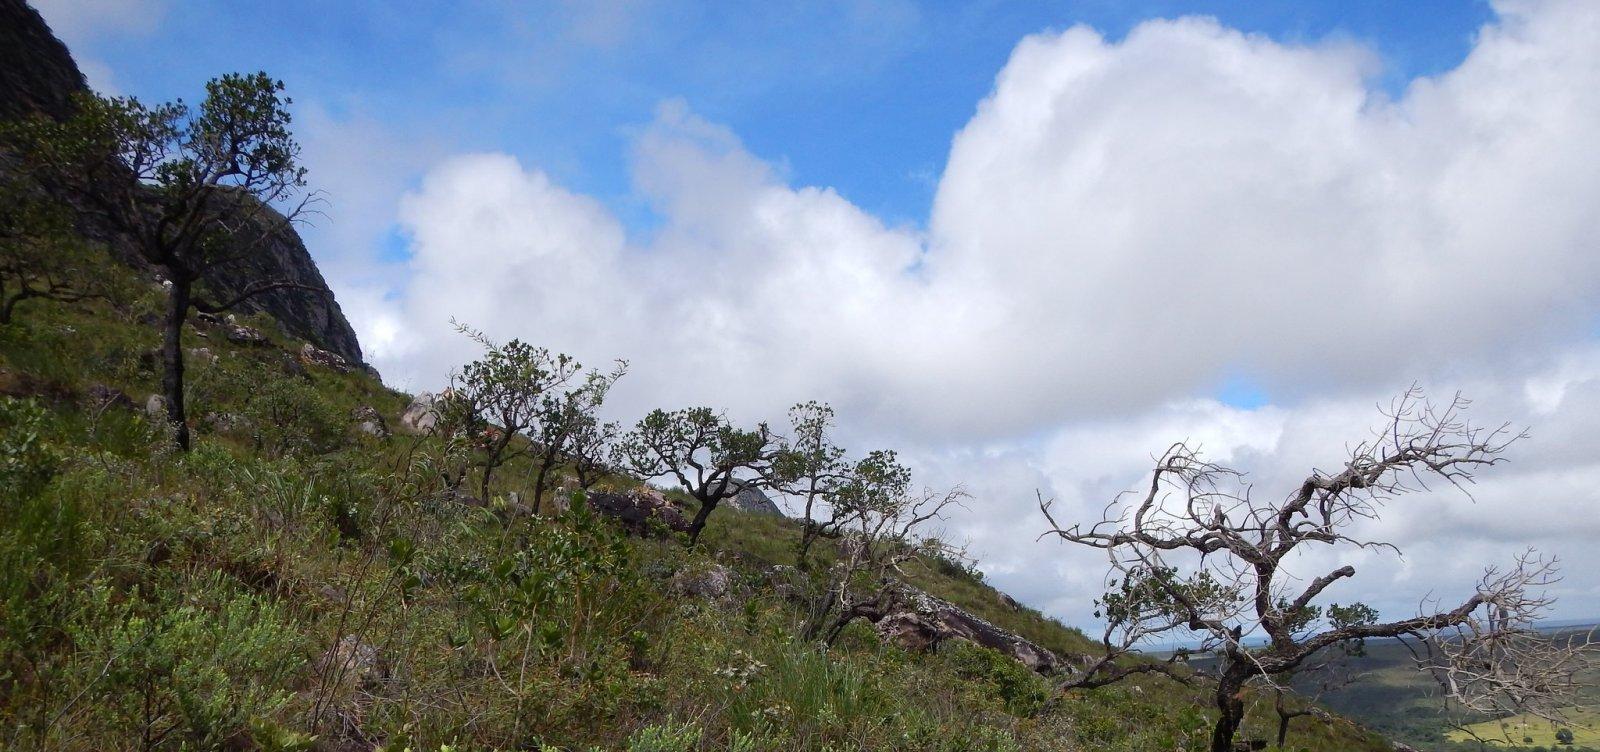 Área de preservação do cerrado no oeste baiano é a maior do estado